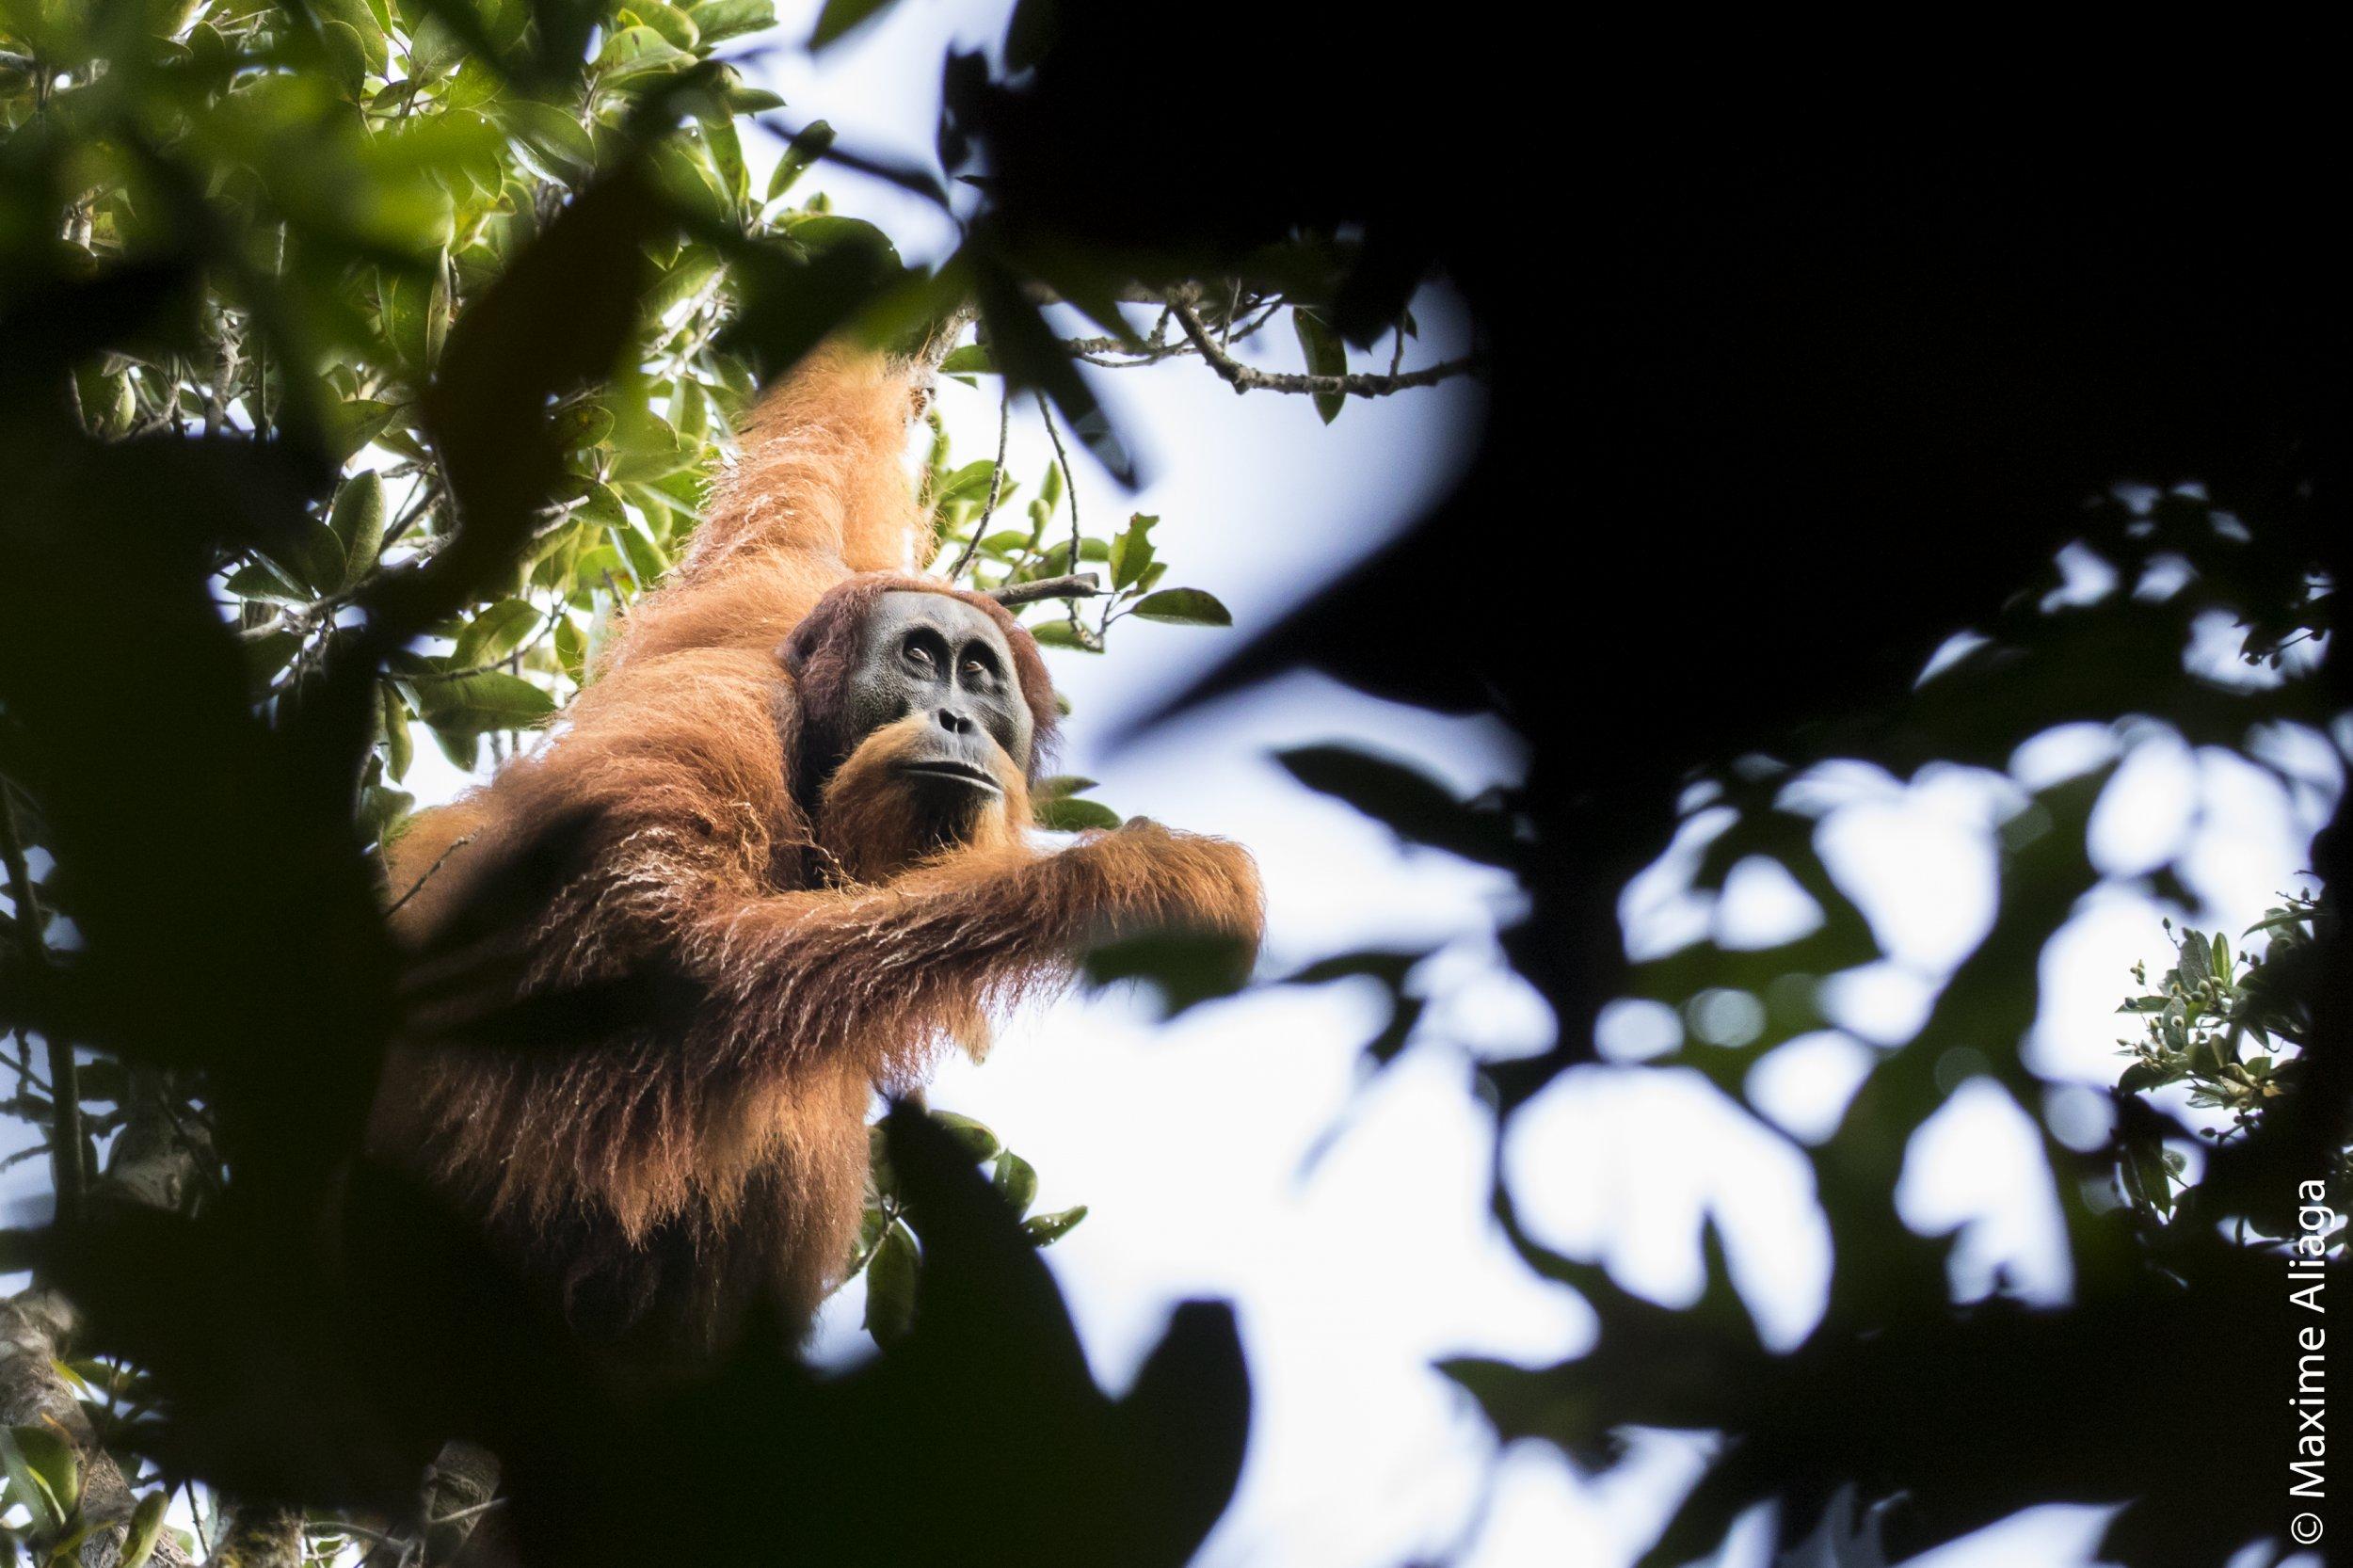 Orangutan_in_tree